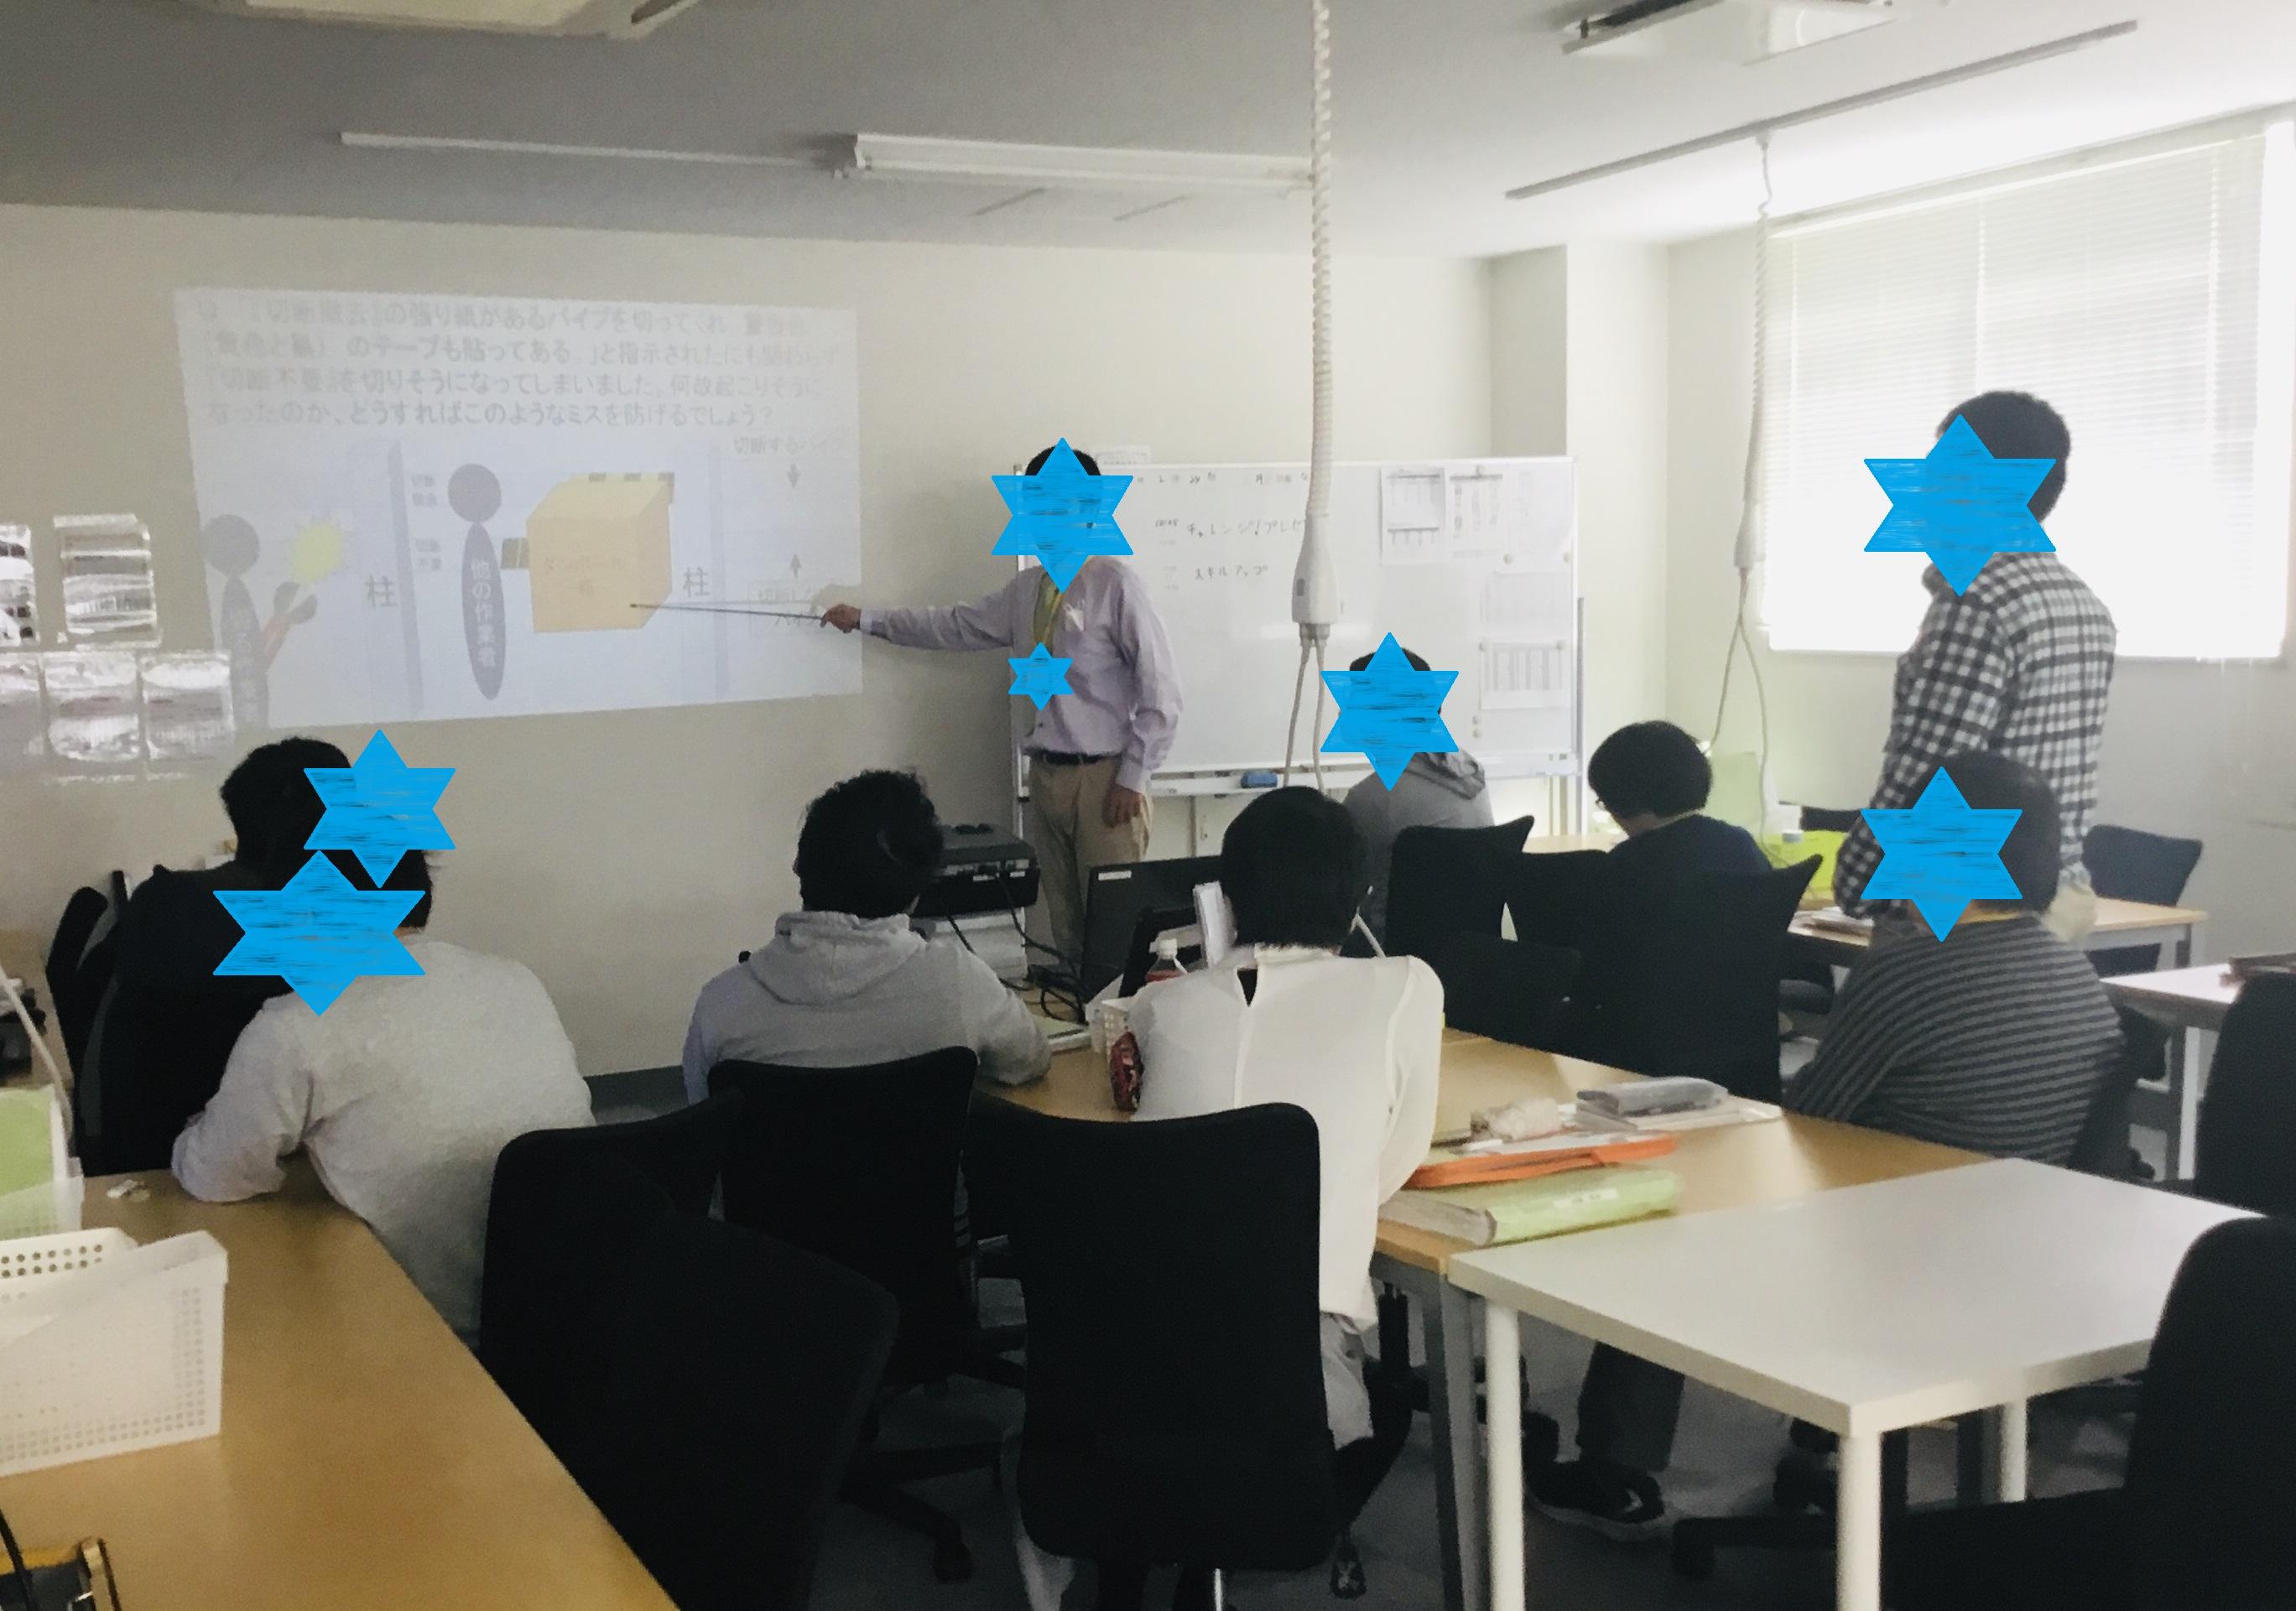 【町田市役所前】プレゼン発表①(2020.2.25)